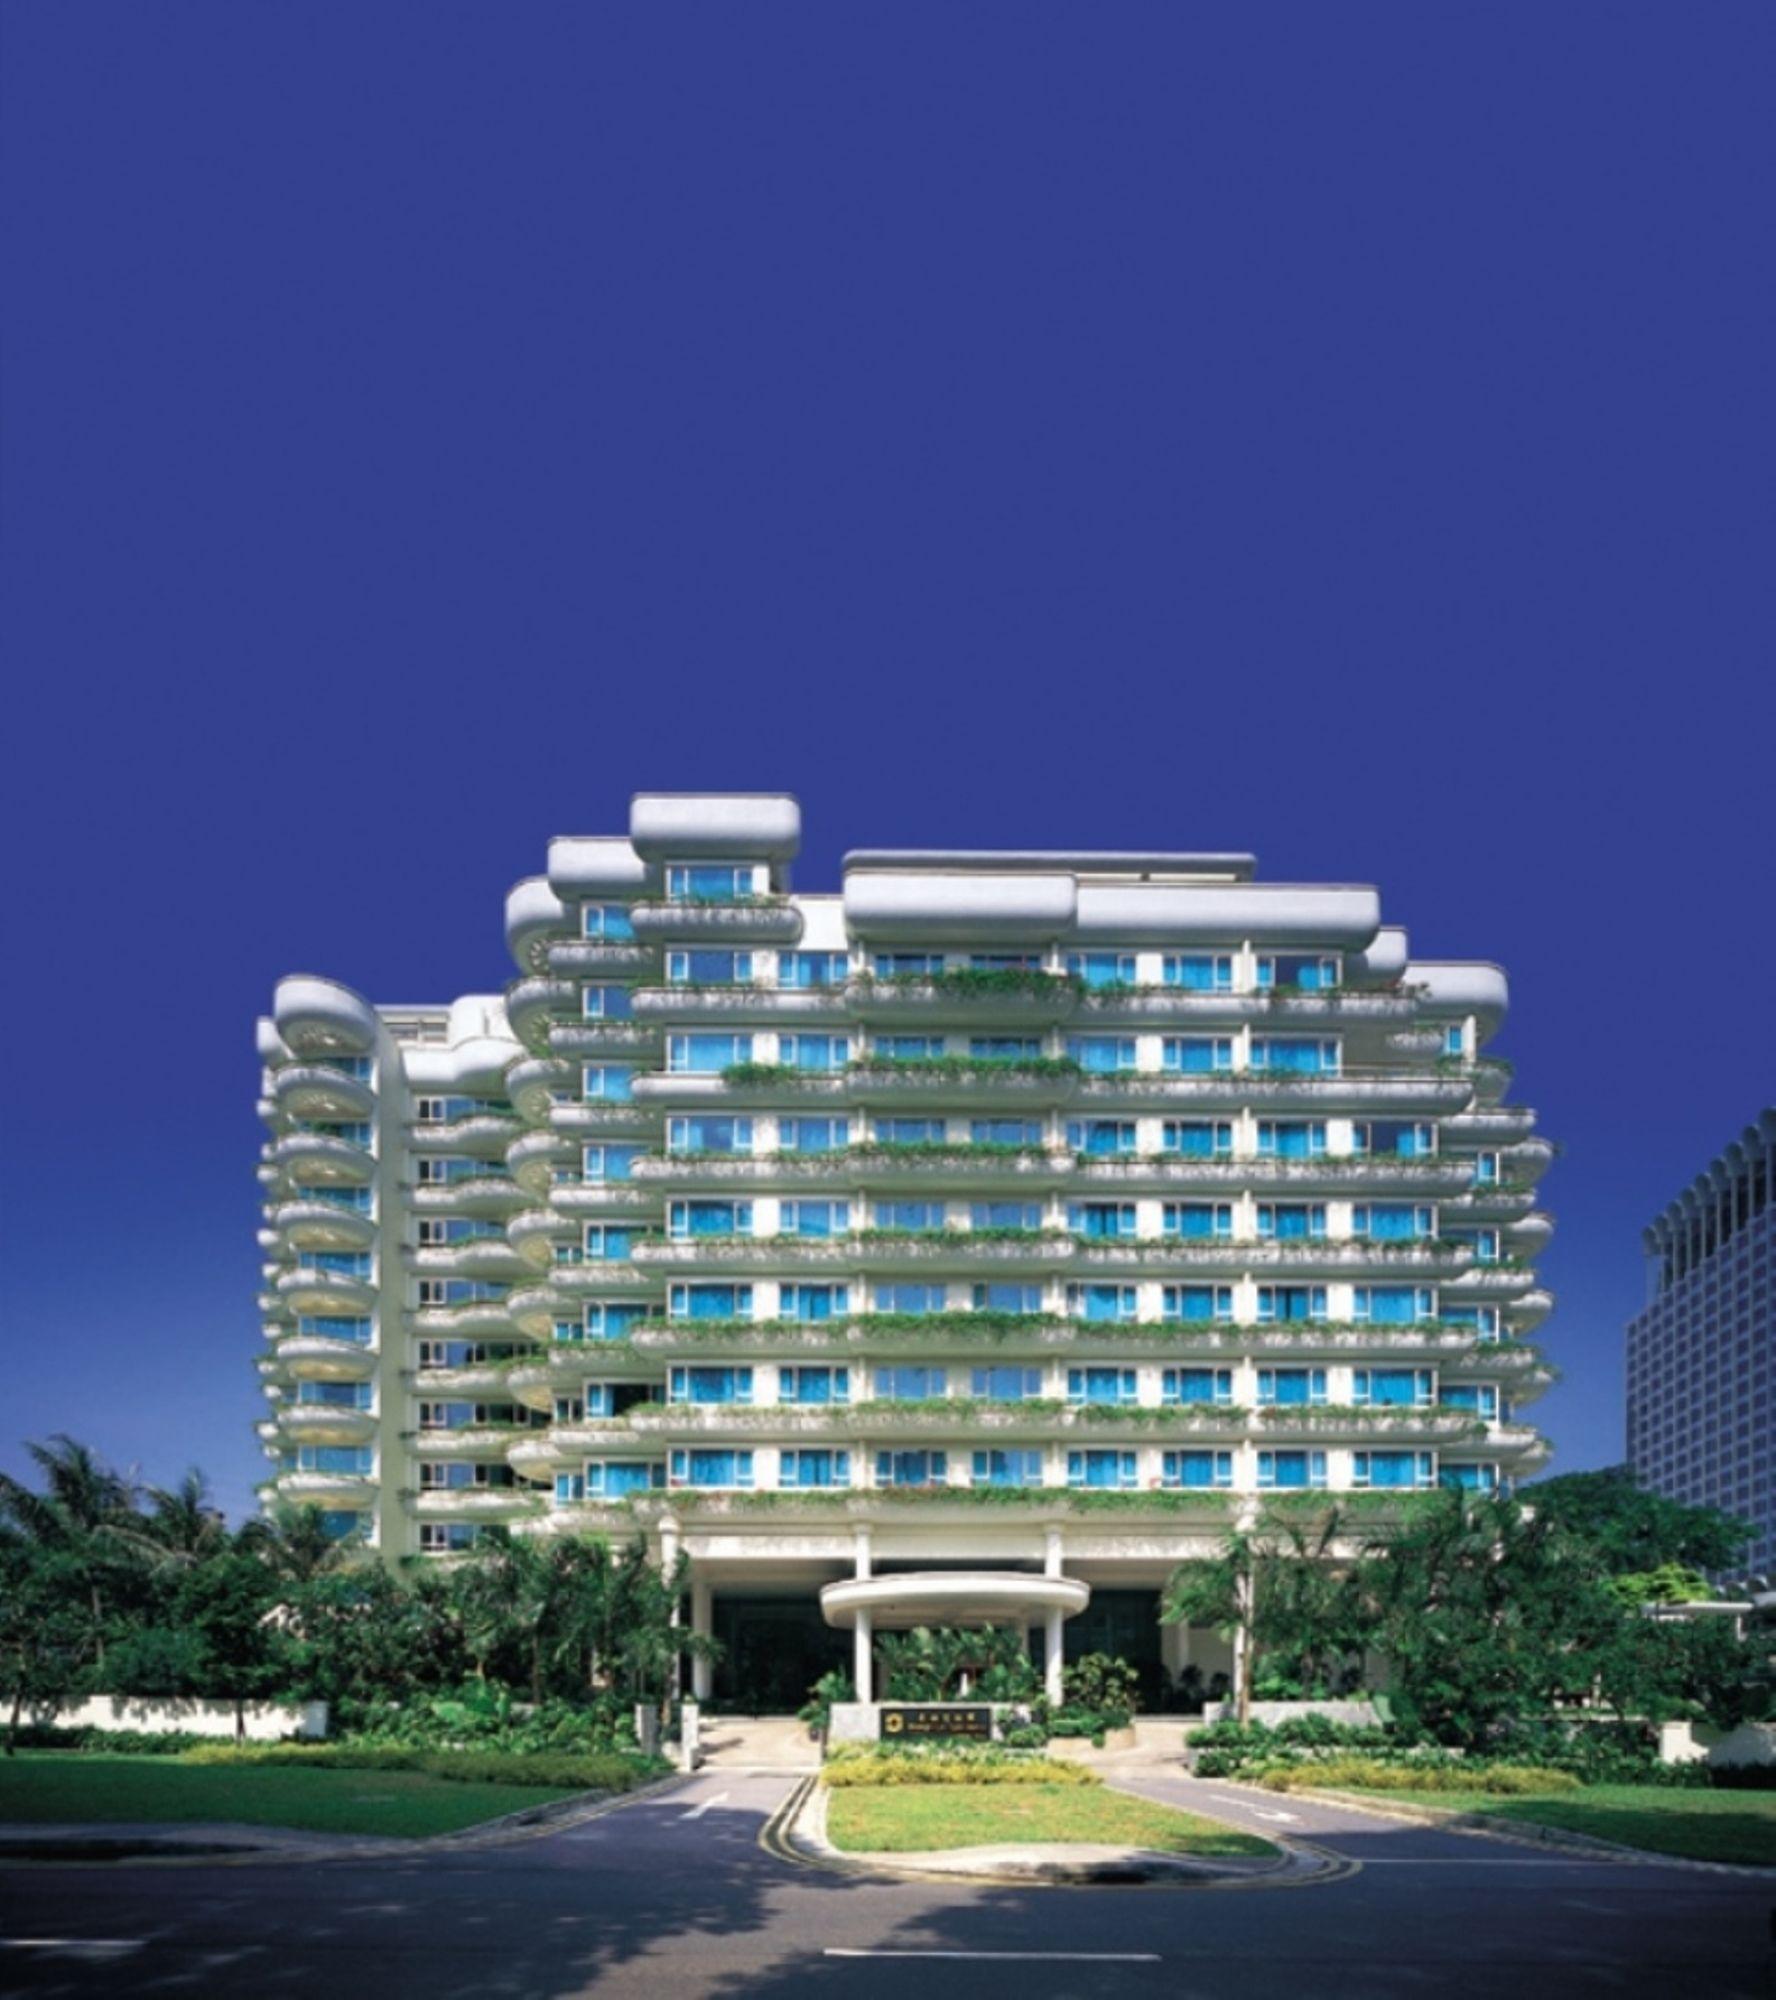 Shangri La Apartments